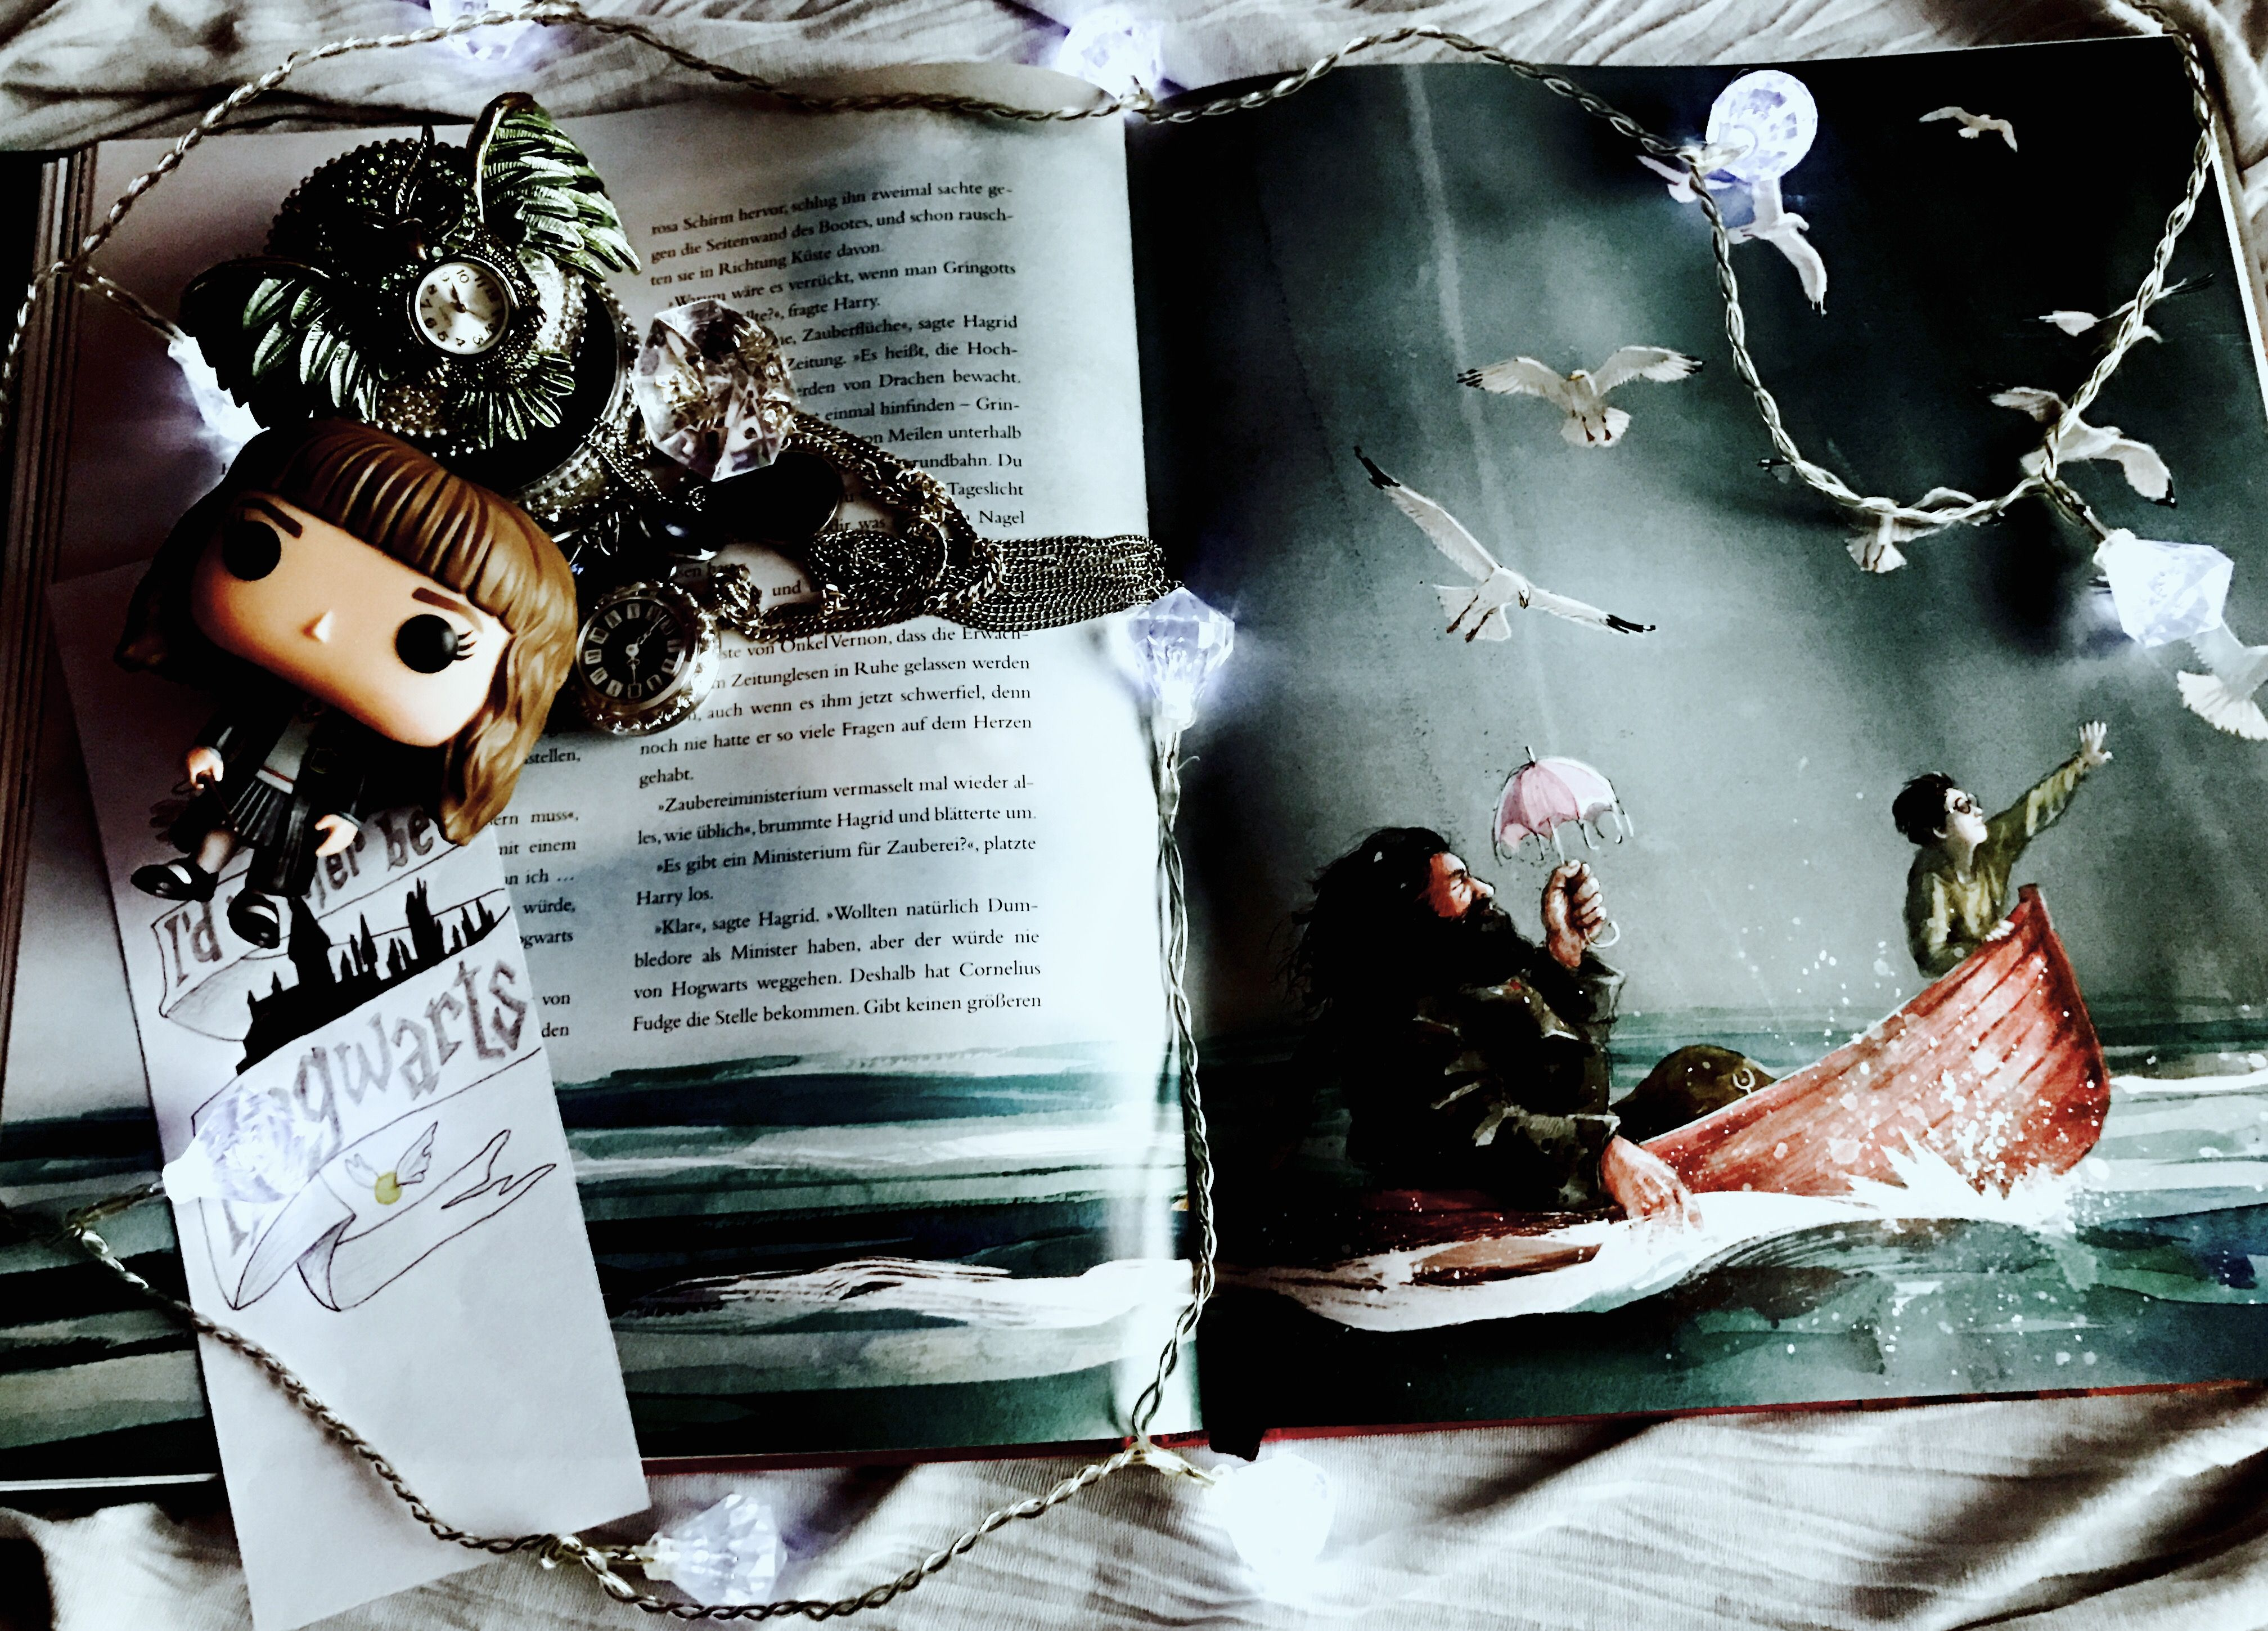 Harry Potter Und Der Stein Der Weisen Illustriert Von J K Rowling Stein Der Weisen Illustrierte Steine